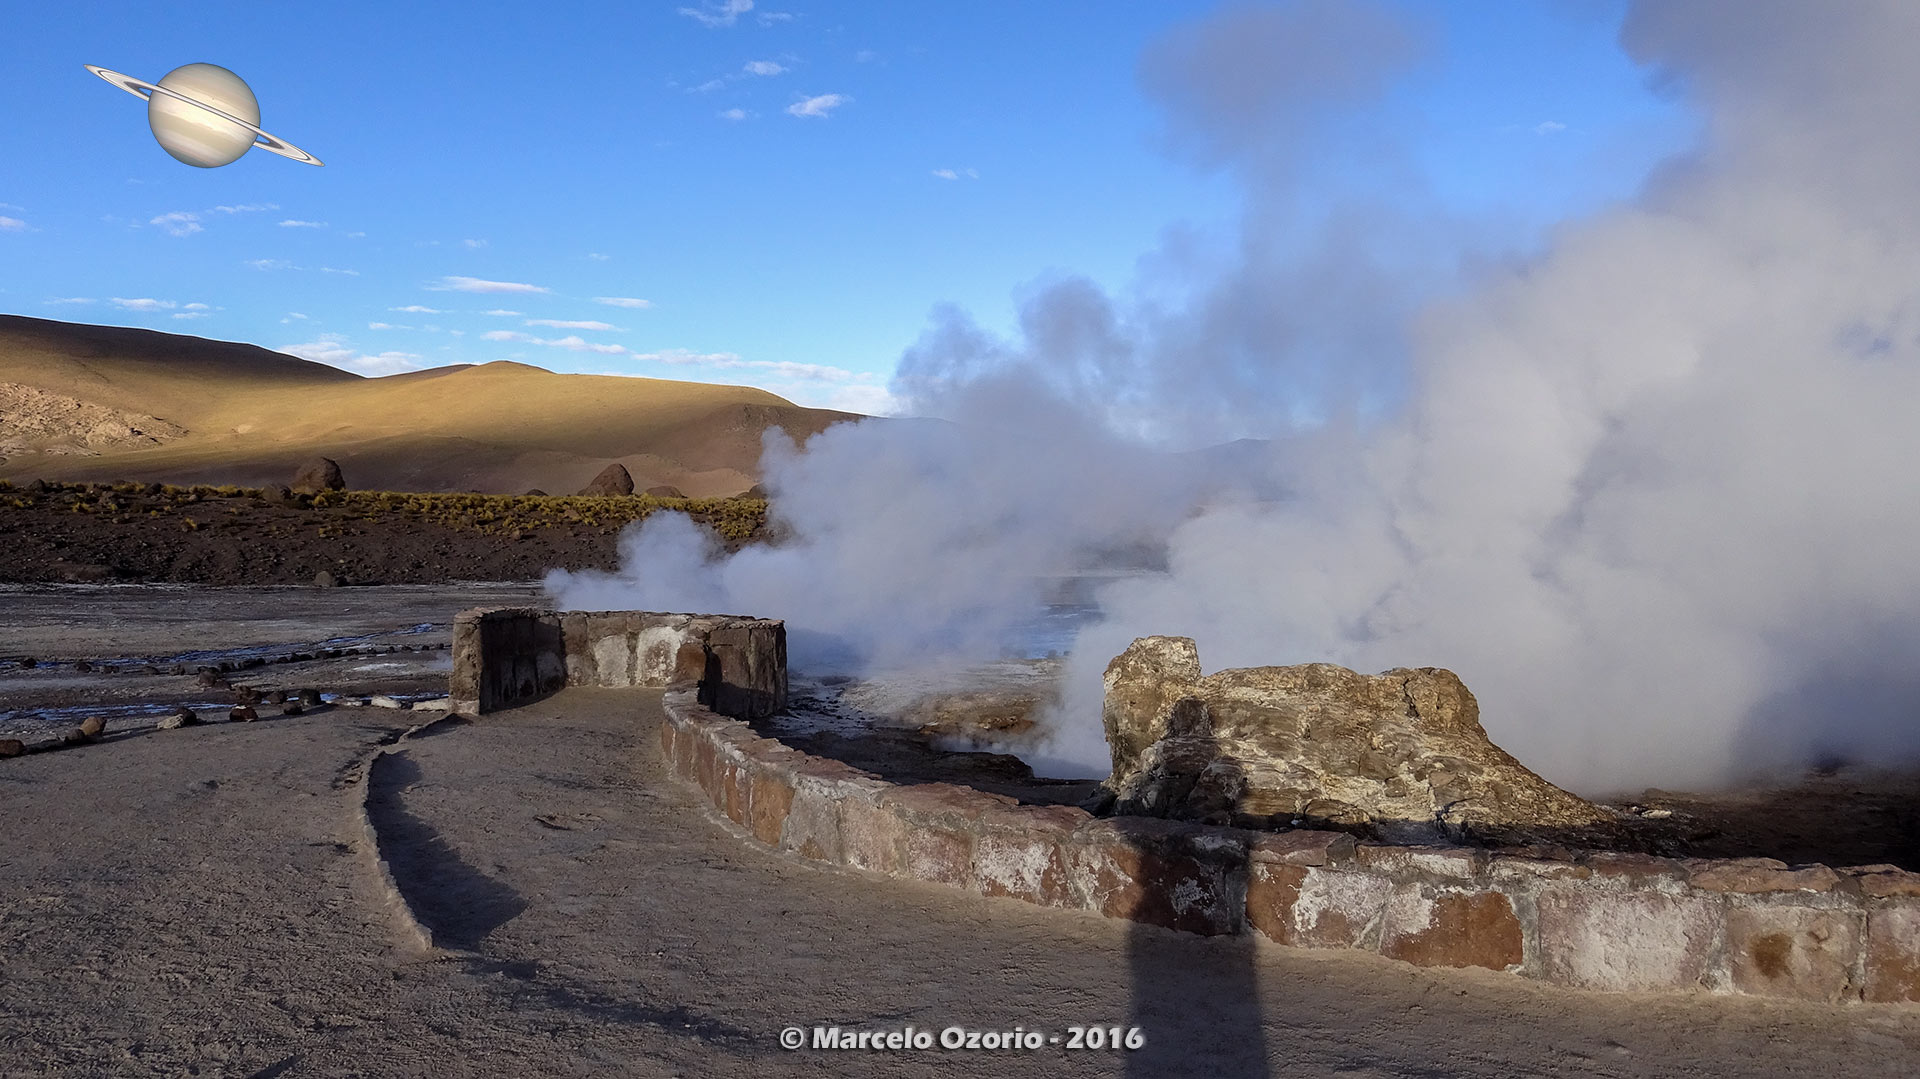 el tatio geysers atacama desert 15 - The Surreal El Tatio Geysers - Atacama Desert - Chile